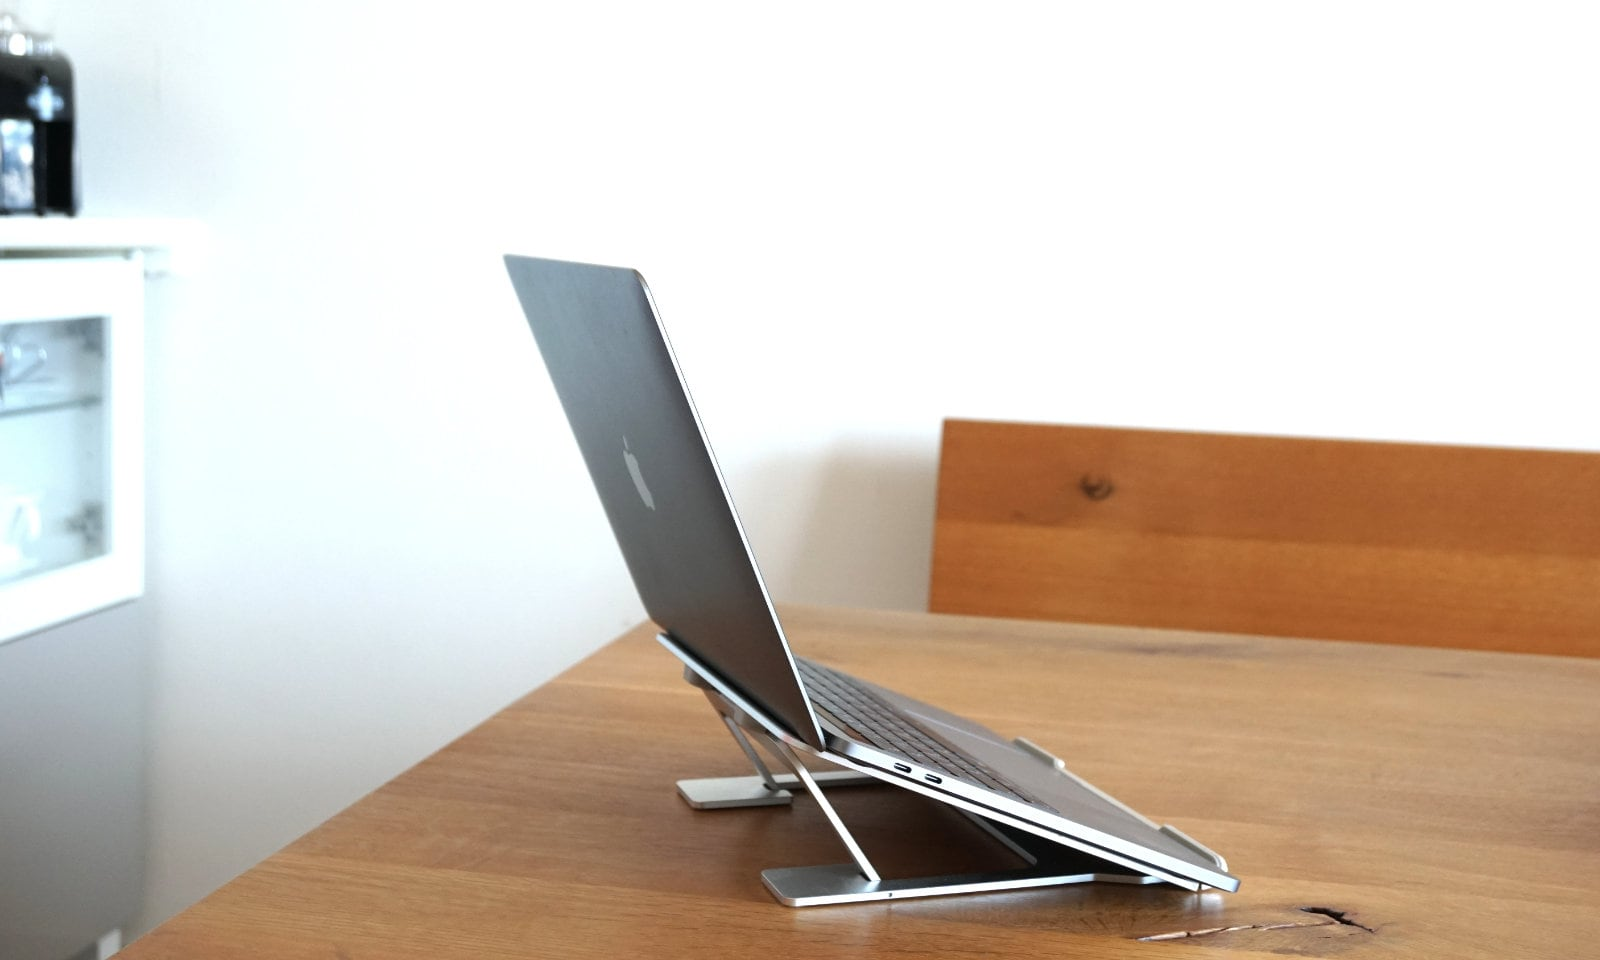 スタンドを一番低くしてMacBook Proを乗せた状態の写真。